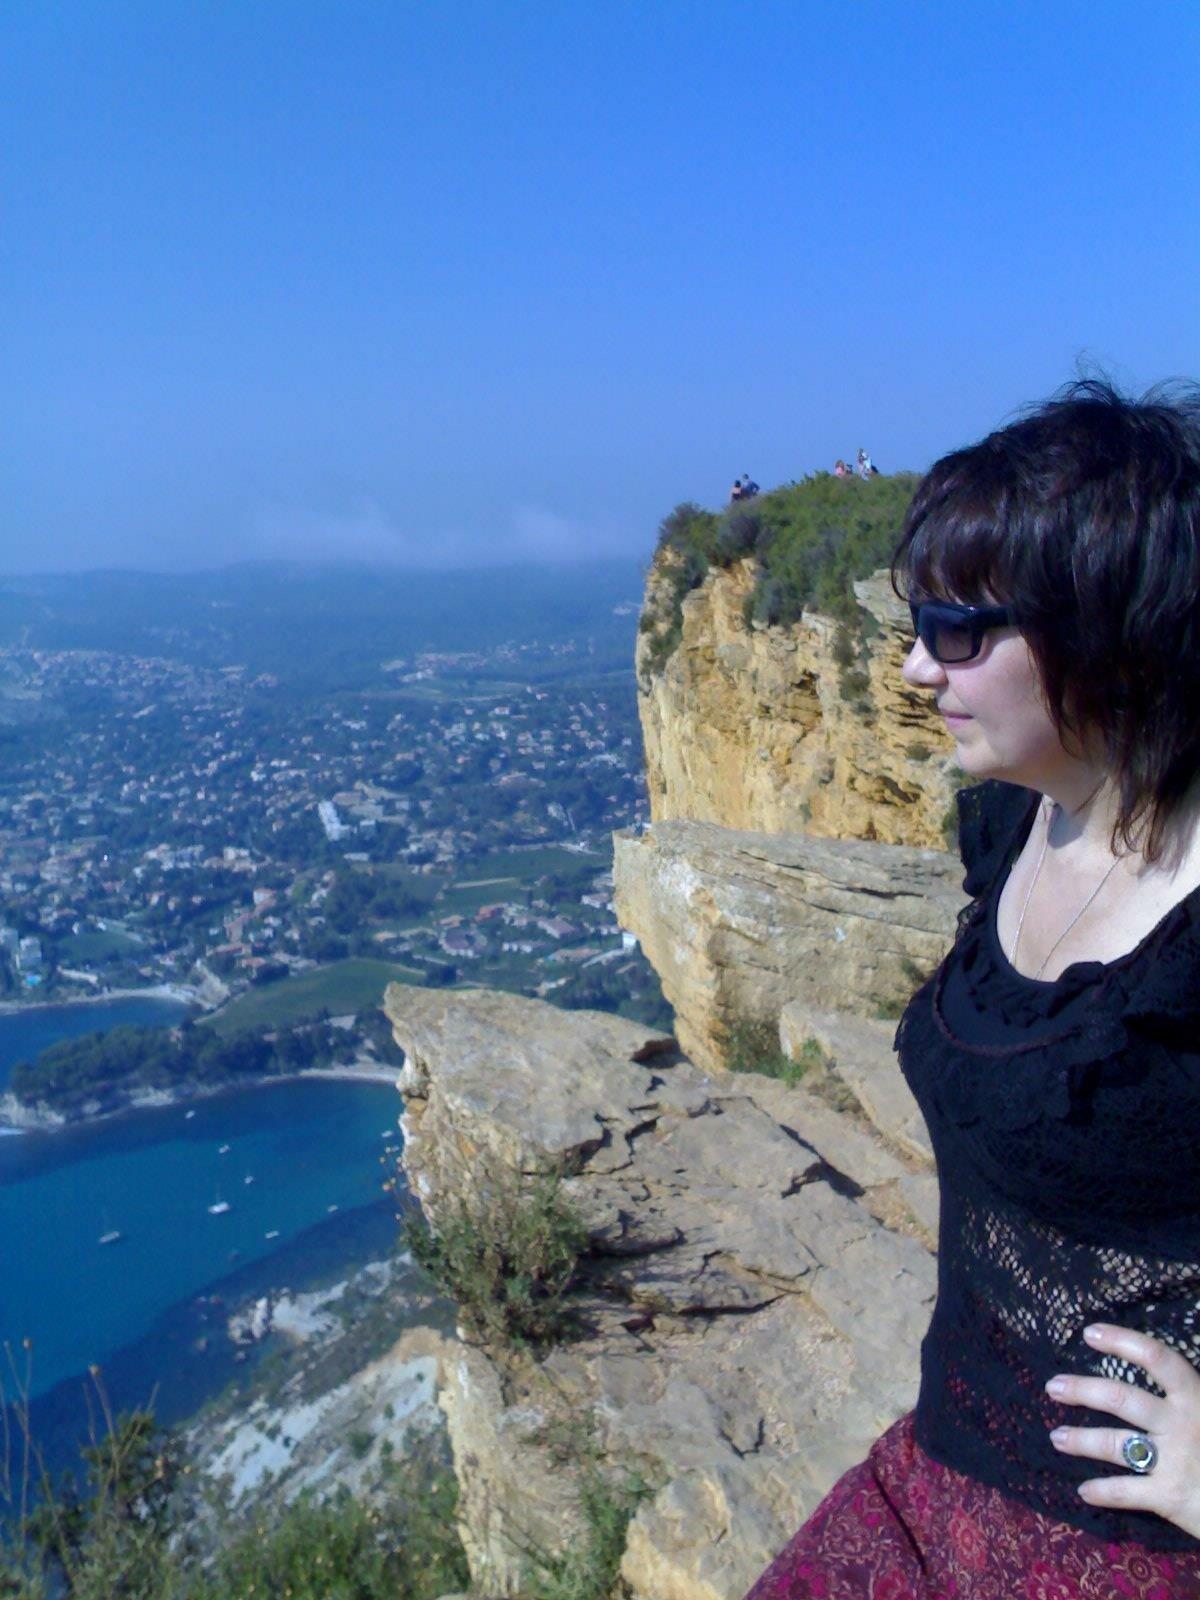 С берега Голубого — на берег Лазурный